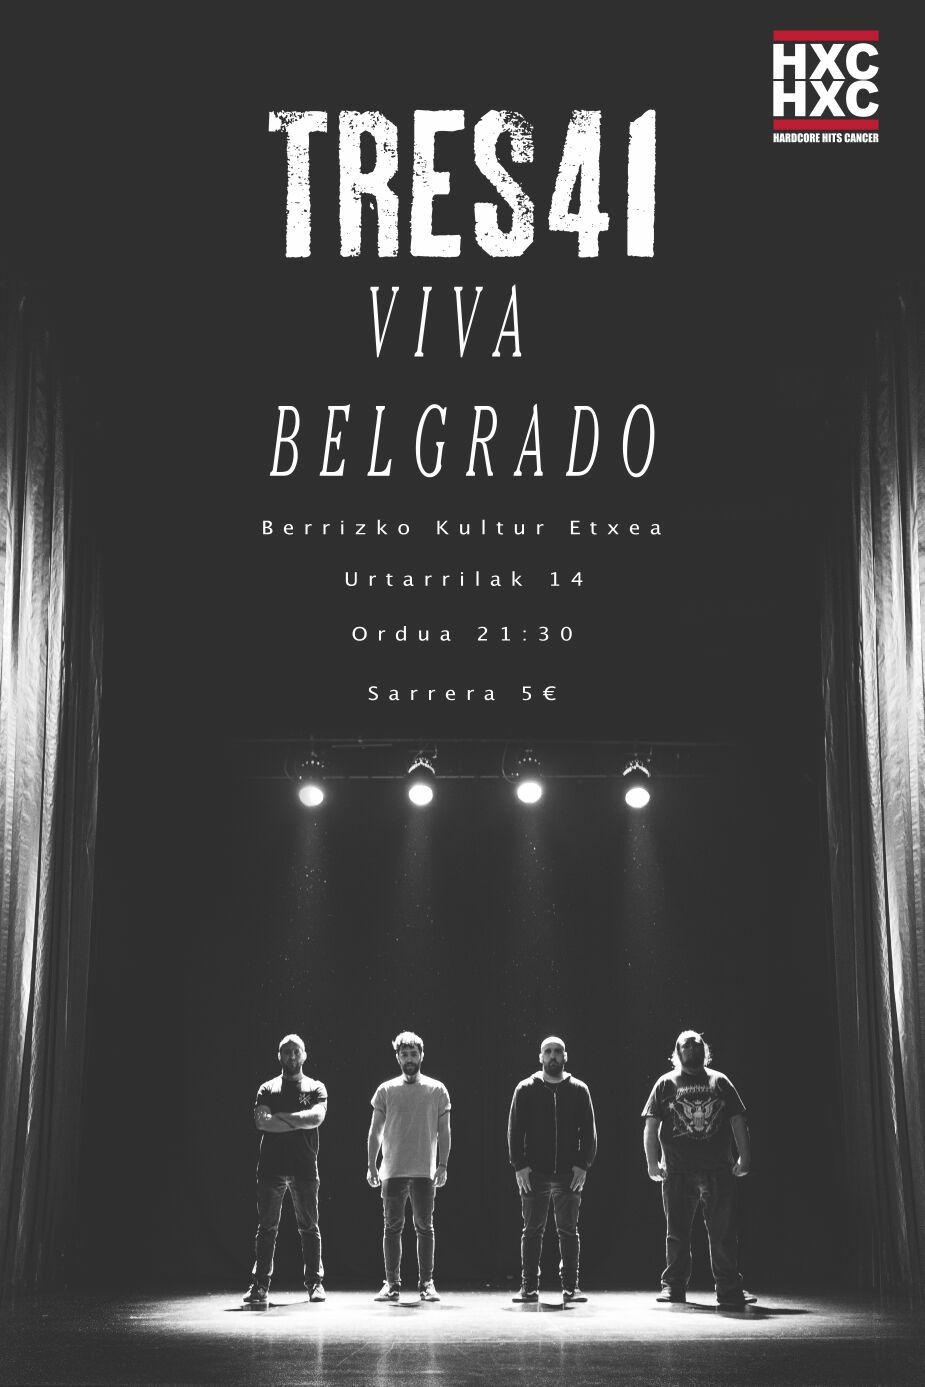 Viva Belgrado - Ulises 2016 - Página 3 307luac